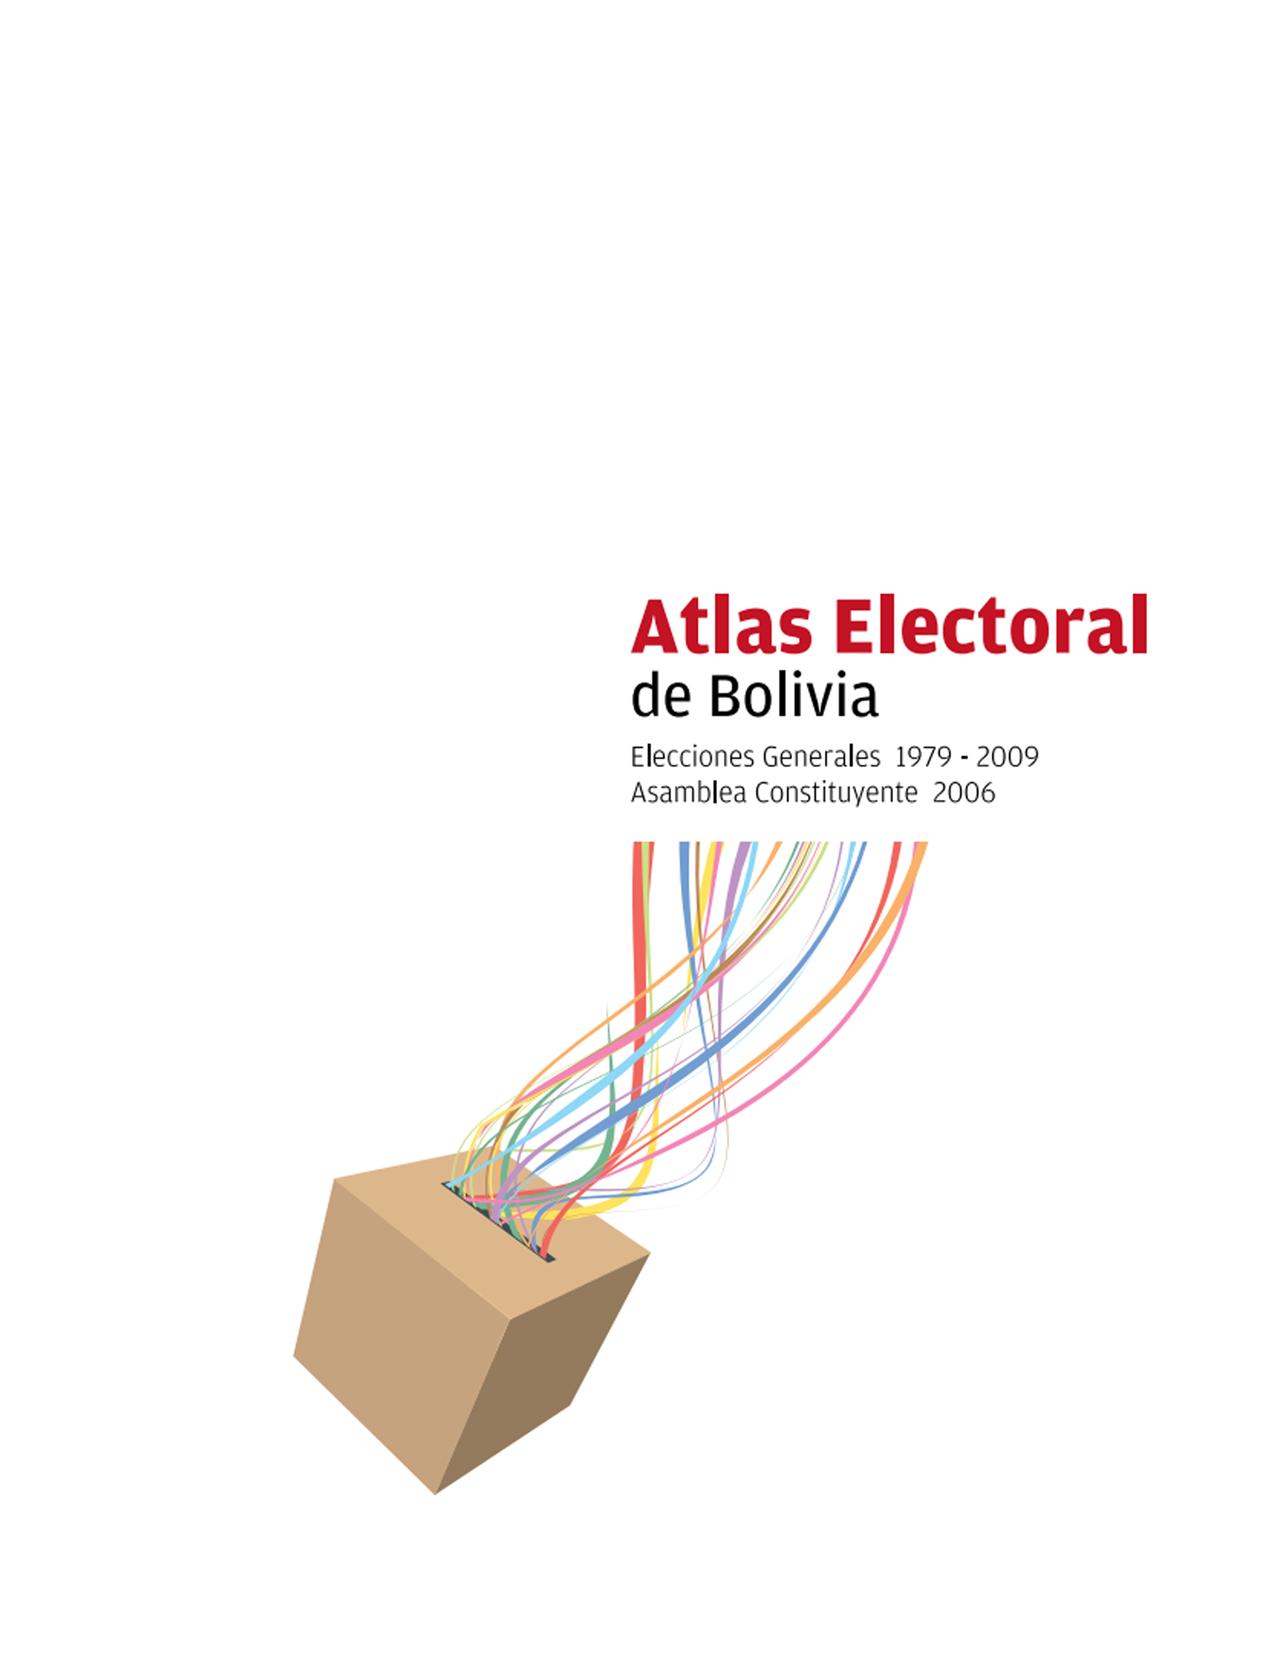 Atlas Electoral de Bolivia 1979-2009